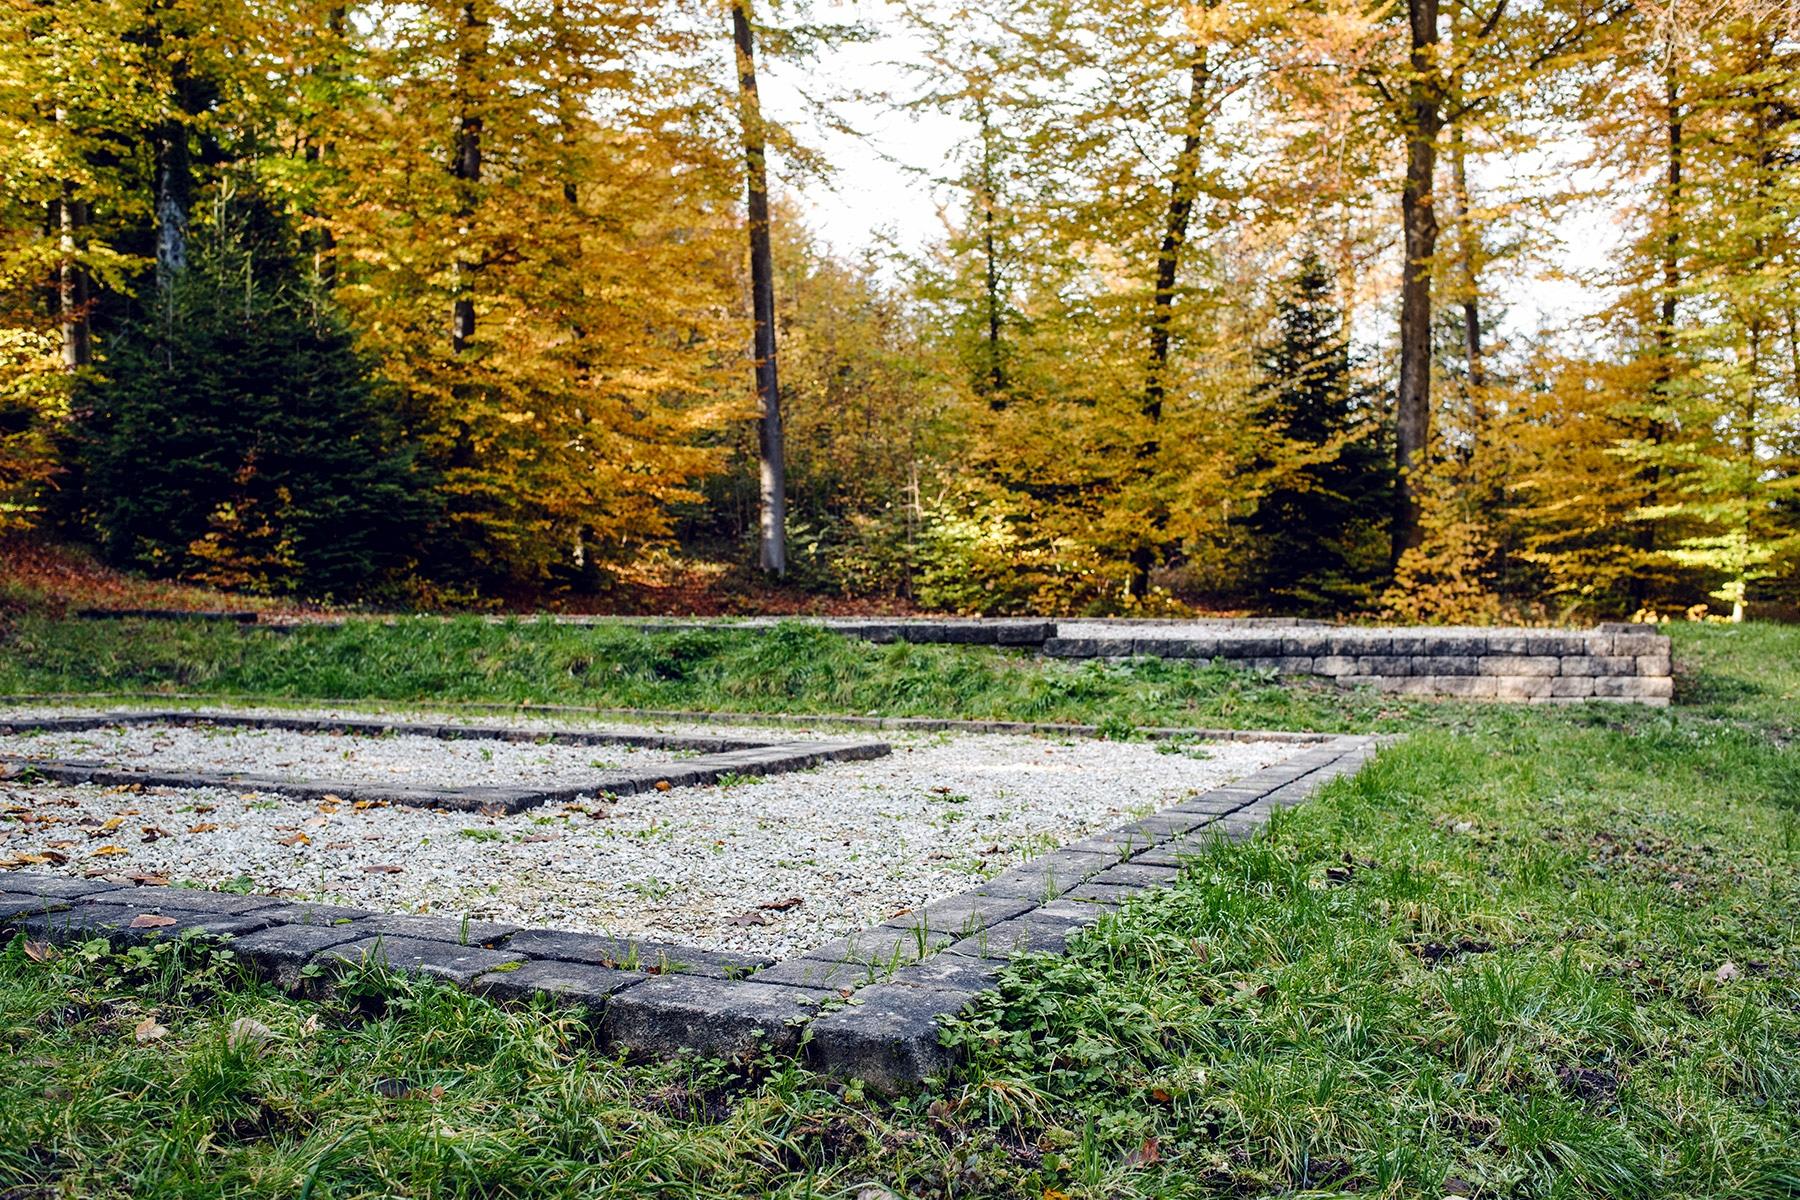 Emplacement de deux bâtiments de l'ancien sanctuaire romain, marqué par des grandes zones de gravier entourées de murets bas en pierres – Promenade automnale dans la forêt de Petinesca